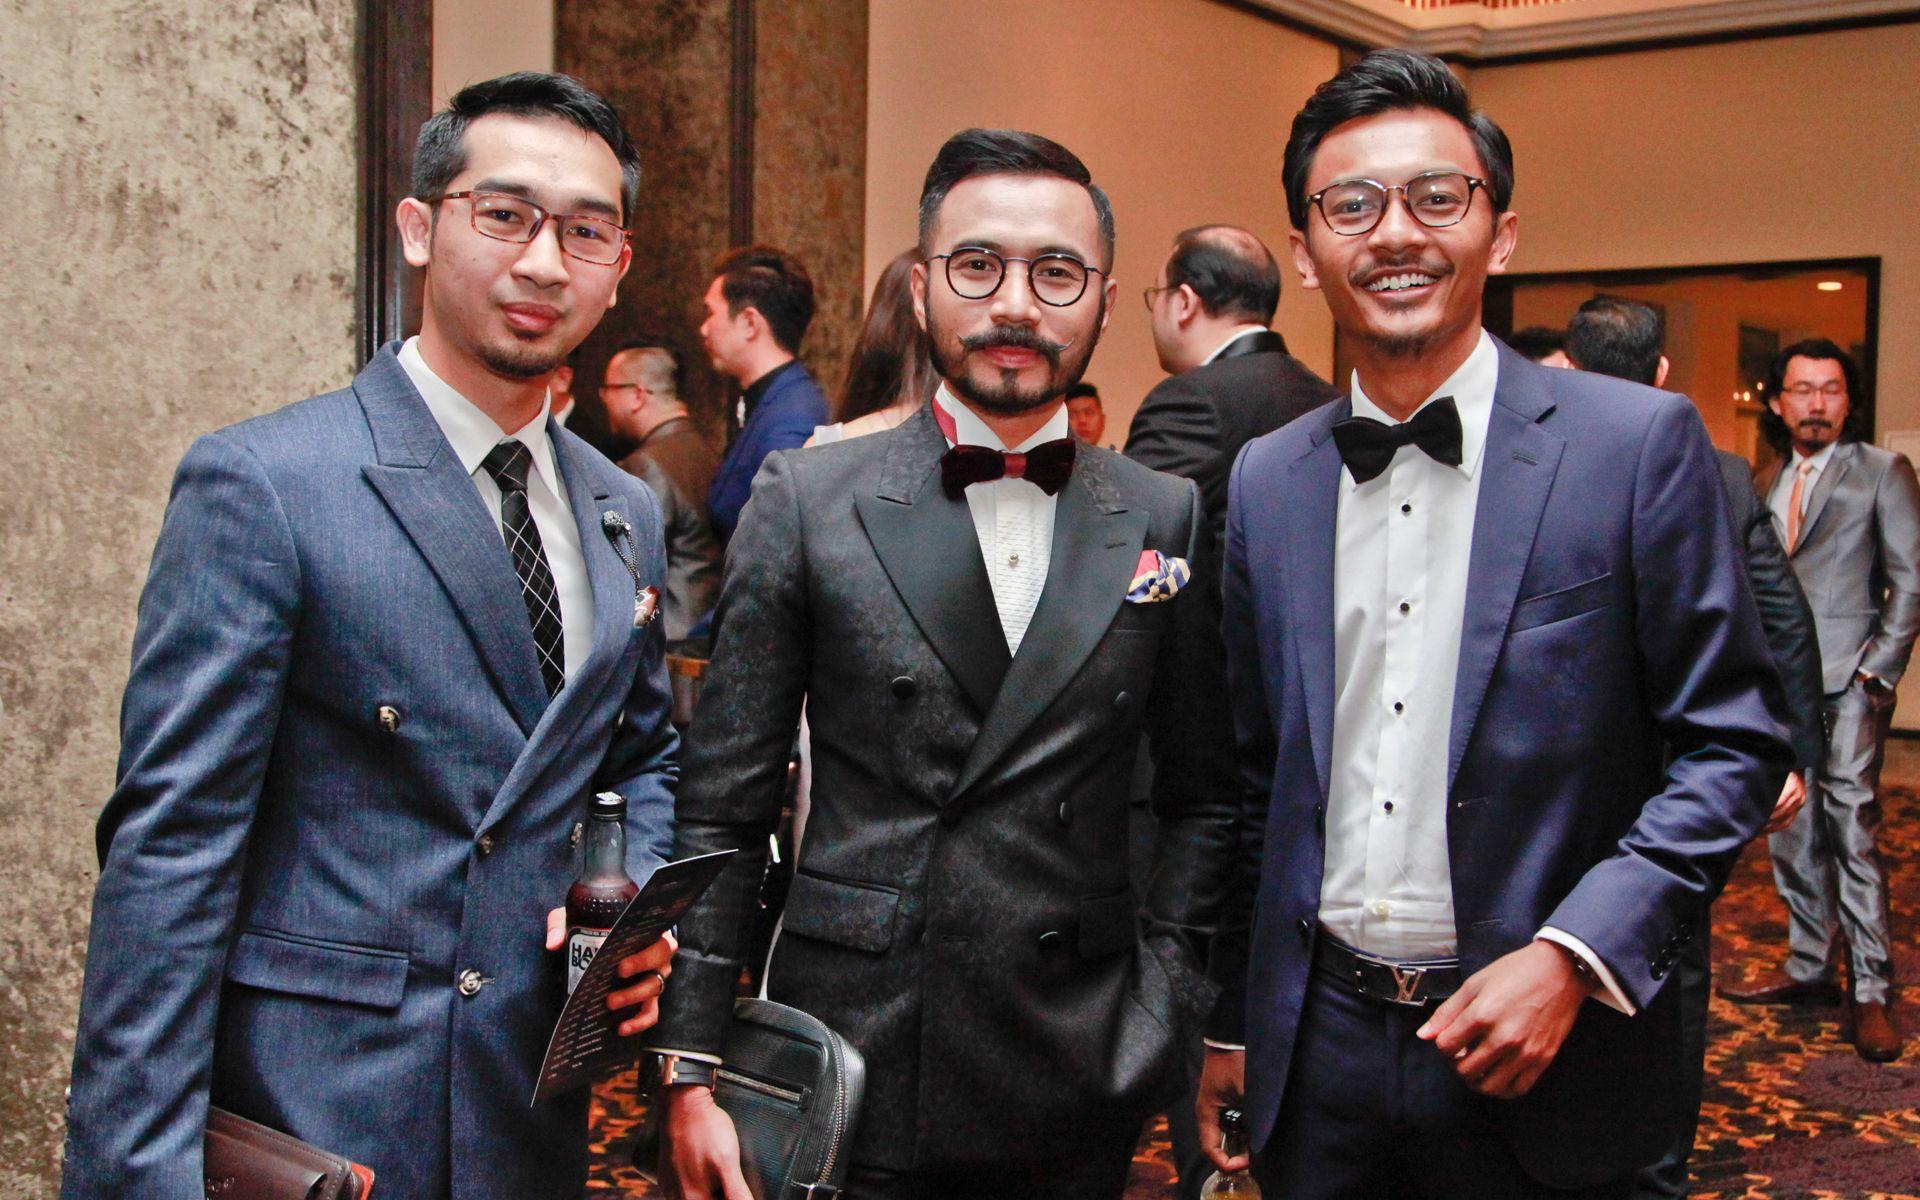 Akram Zulkifli, Wak Doyok and Azri Zahier Azmi